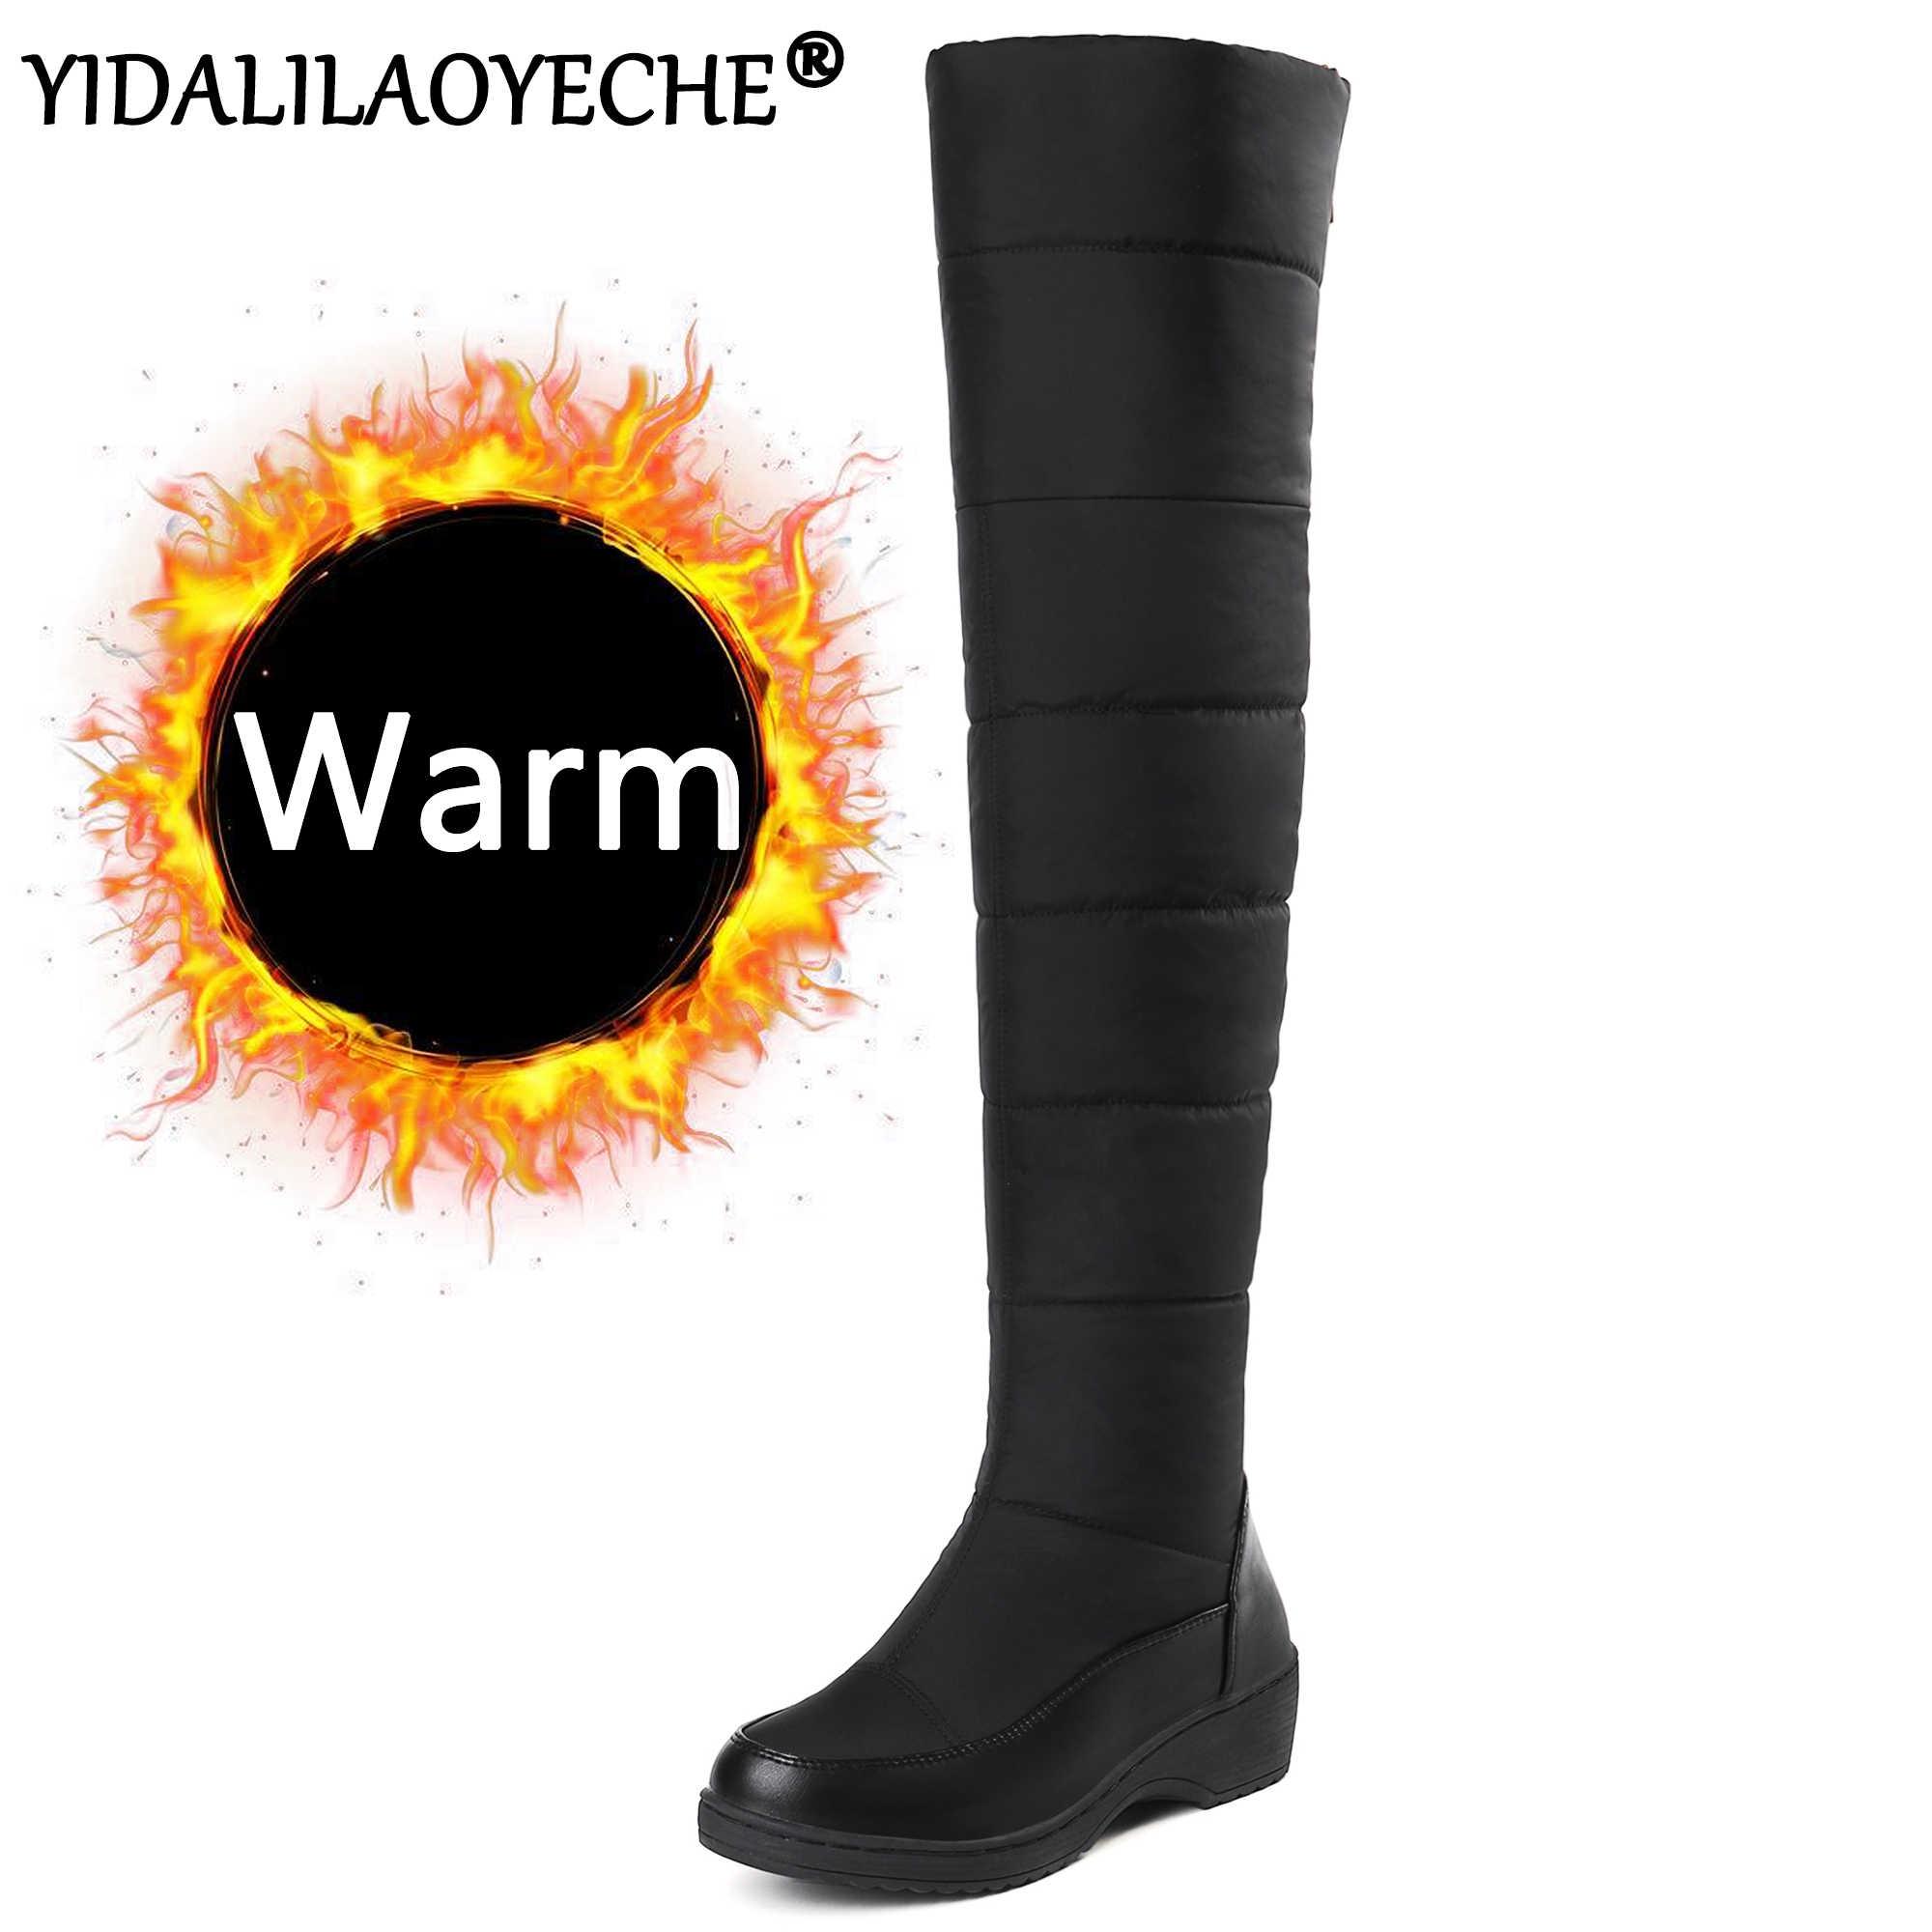 Зимние сапоги; женские теплые сапоги до колена; однотонные женские зимние сапоги на танкетке из короткого плюша; водонепроницаемые; большие размеры